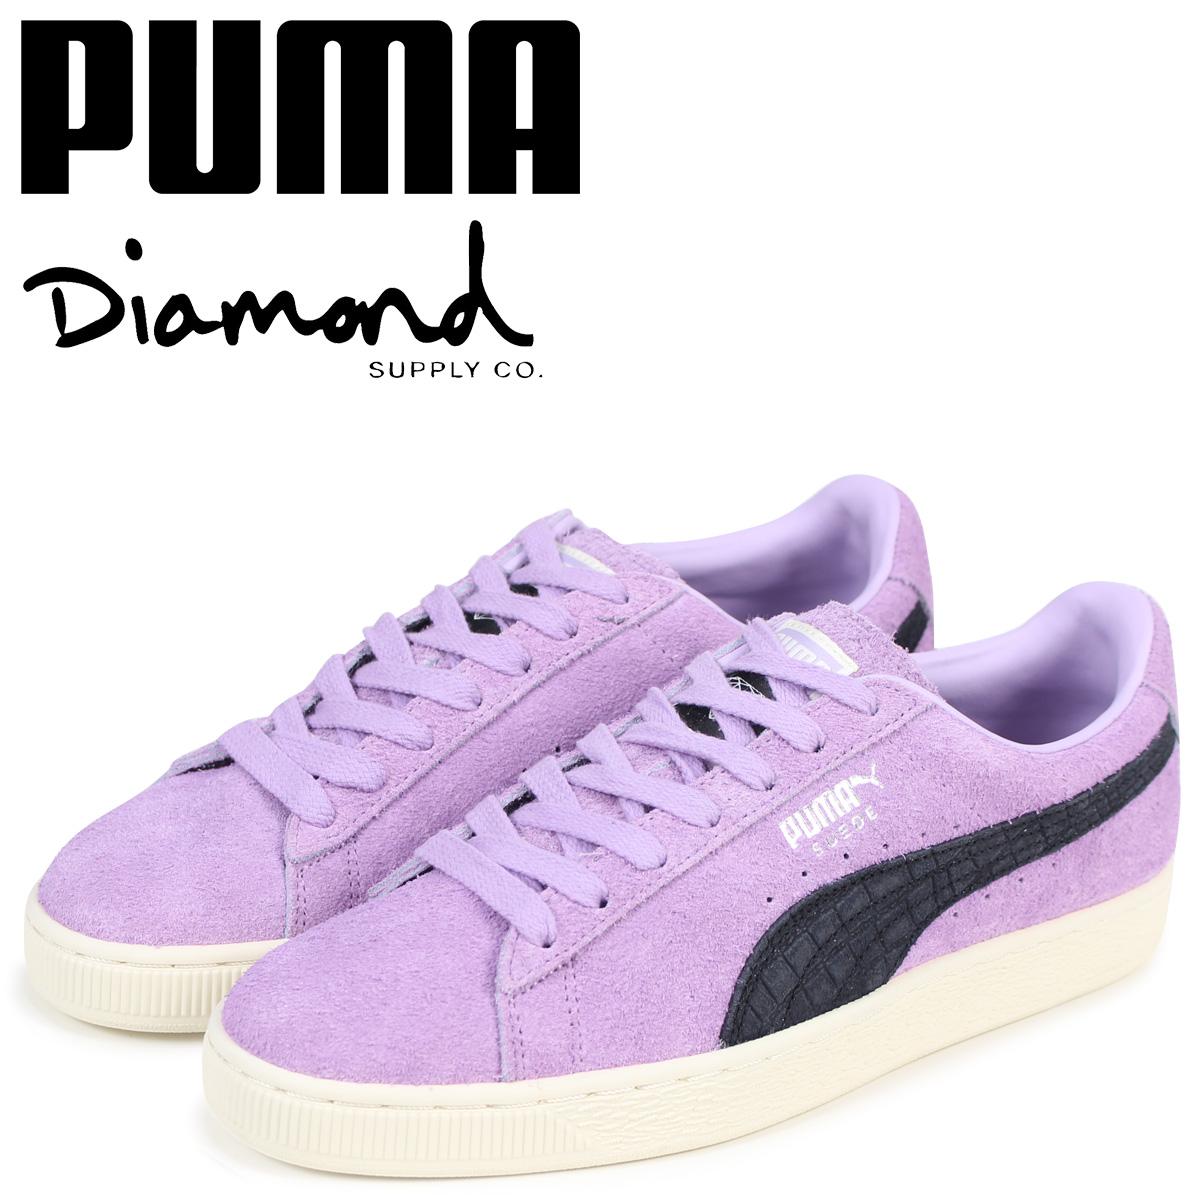 PUMA プーマ スエード スニーカー メンズ ダイヤモンドサプライ SUEDE DIAMOND コラボ 365650-02 パープル